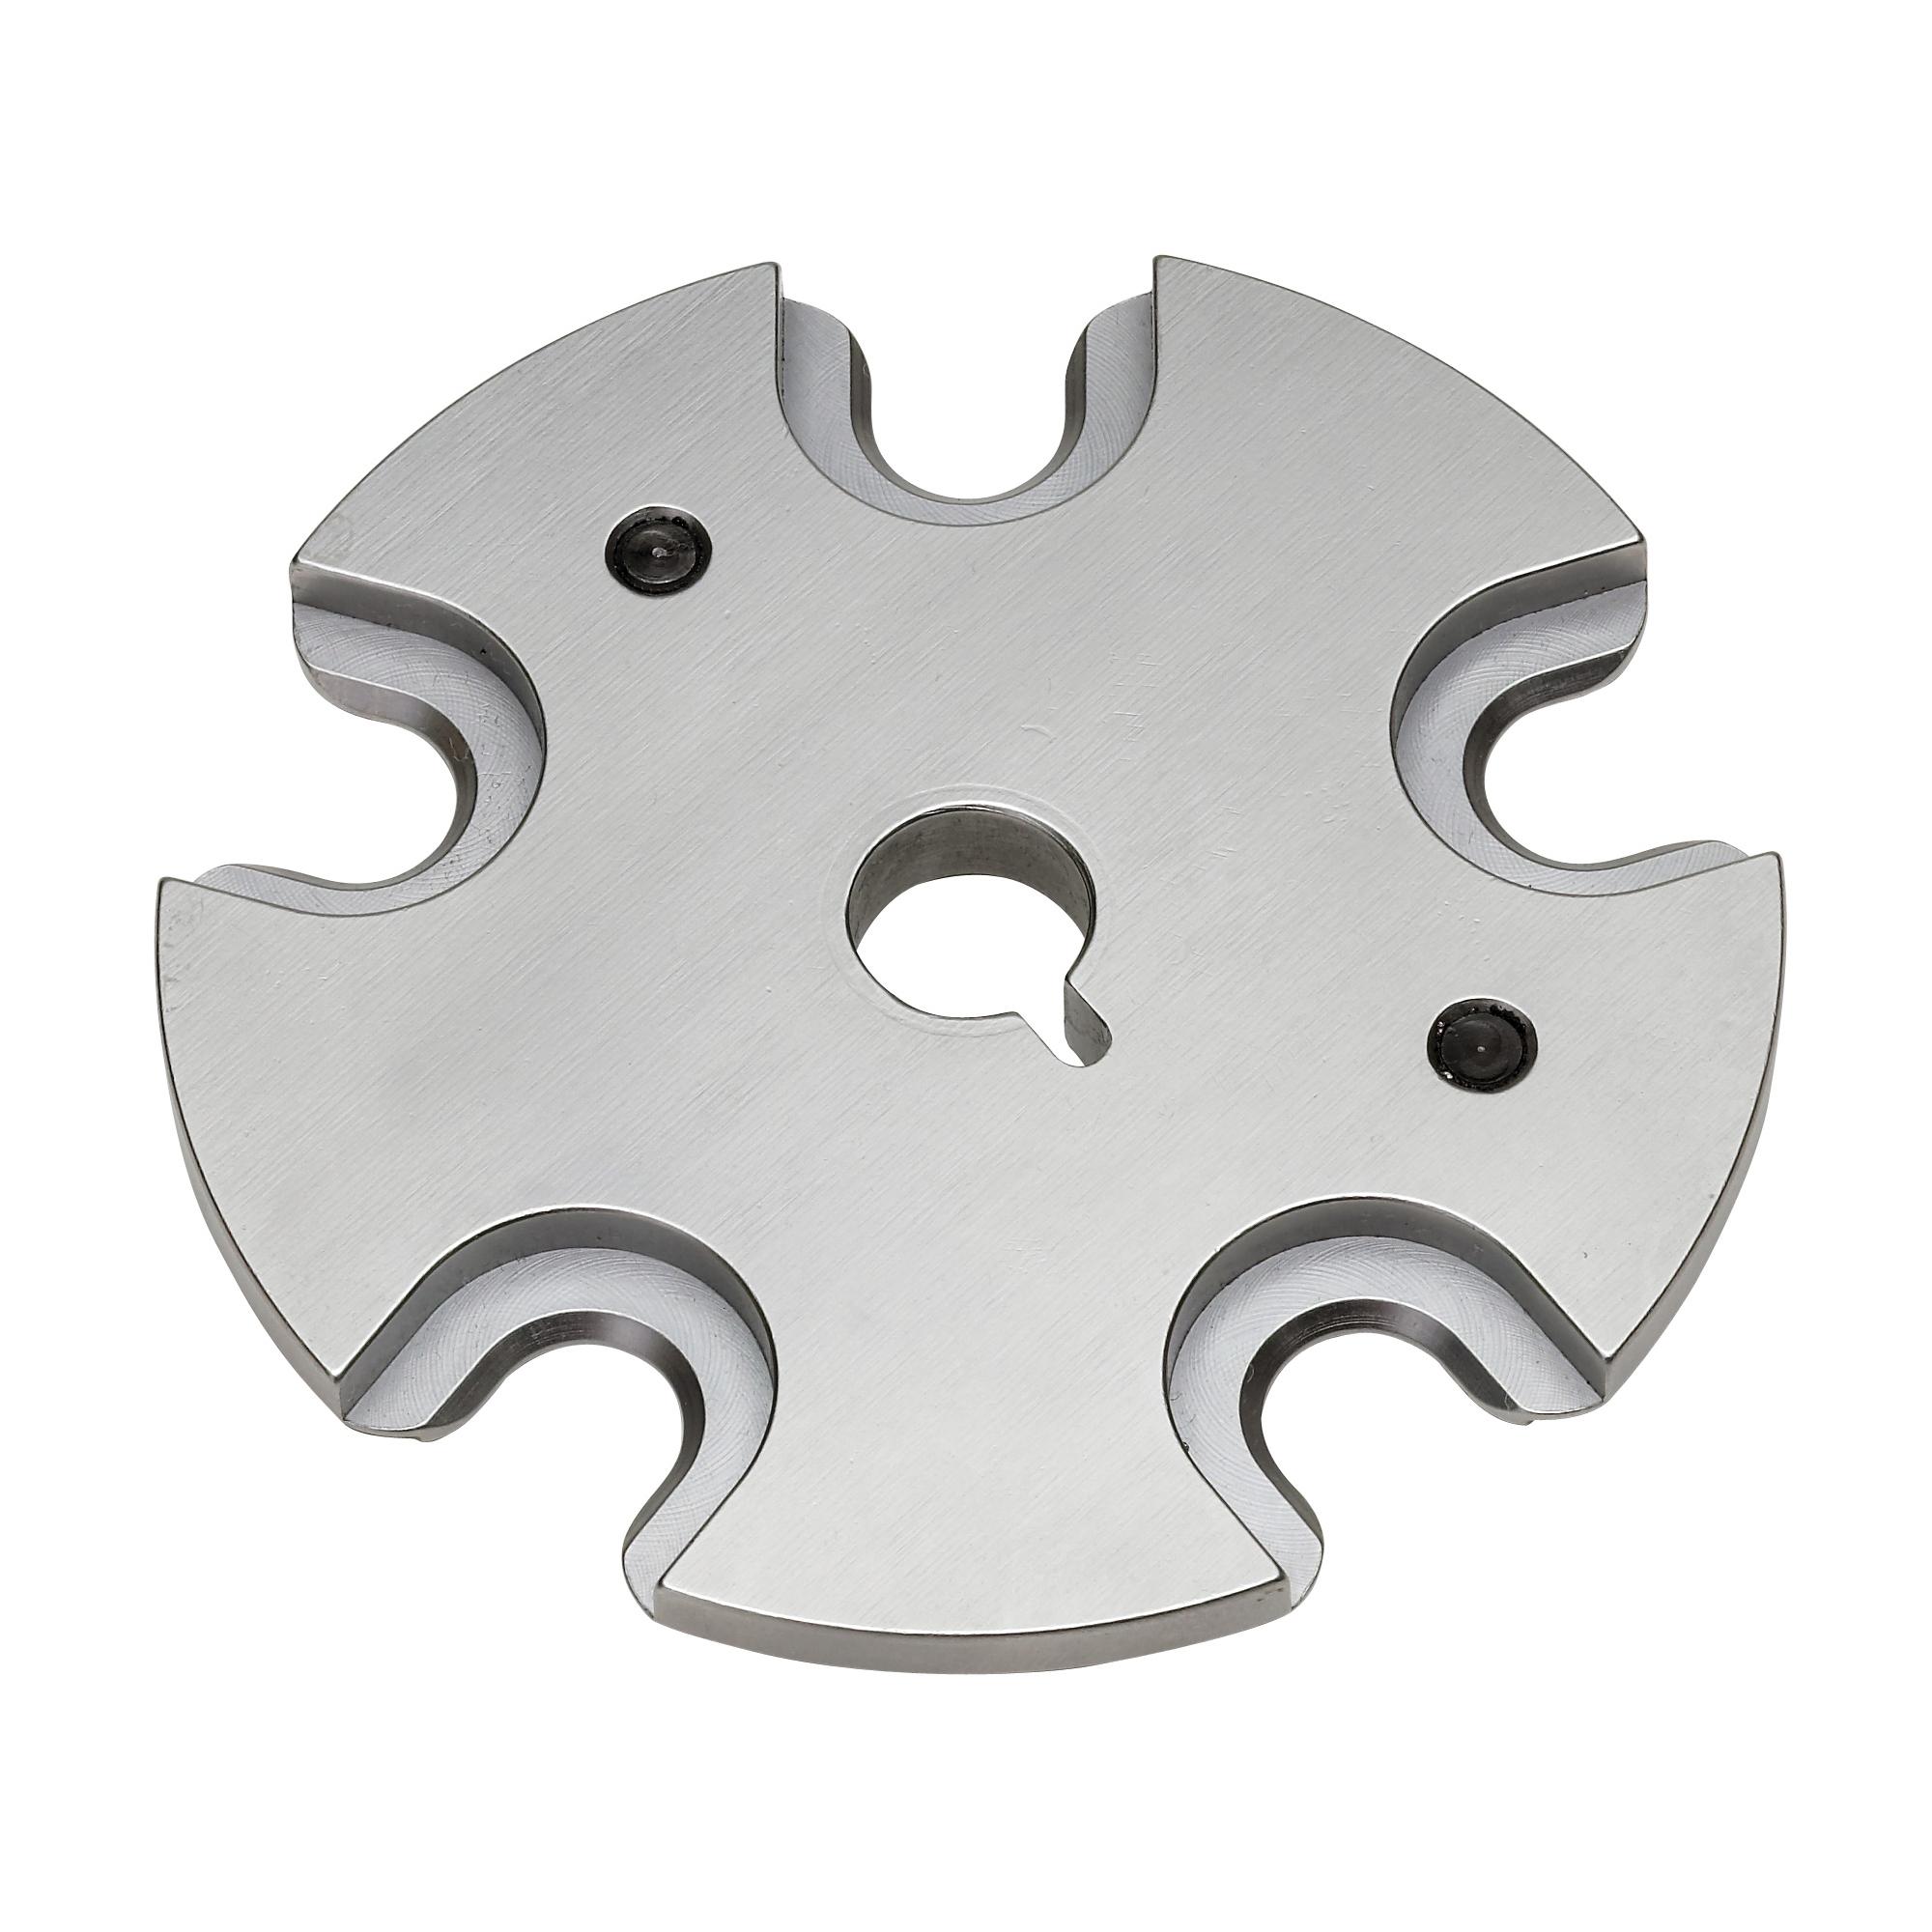 Hrndy Shell Plate #6 Lnl Ap & Proj